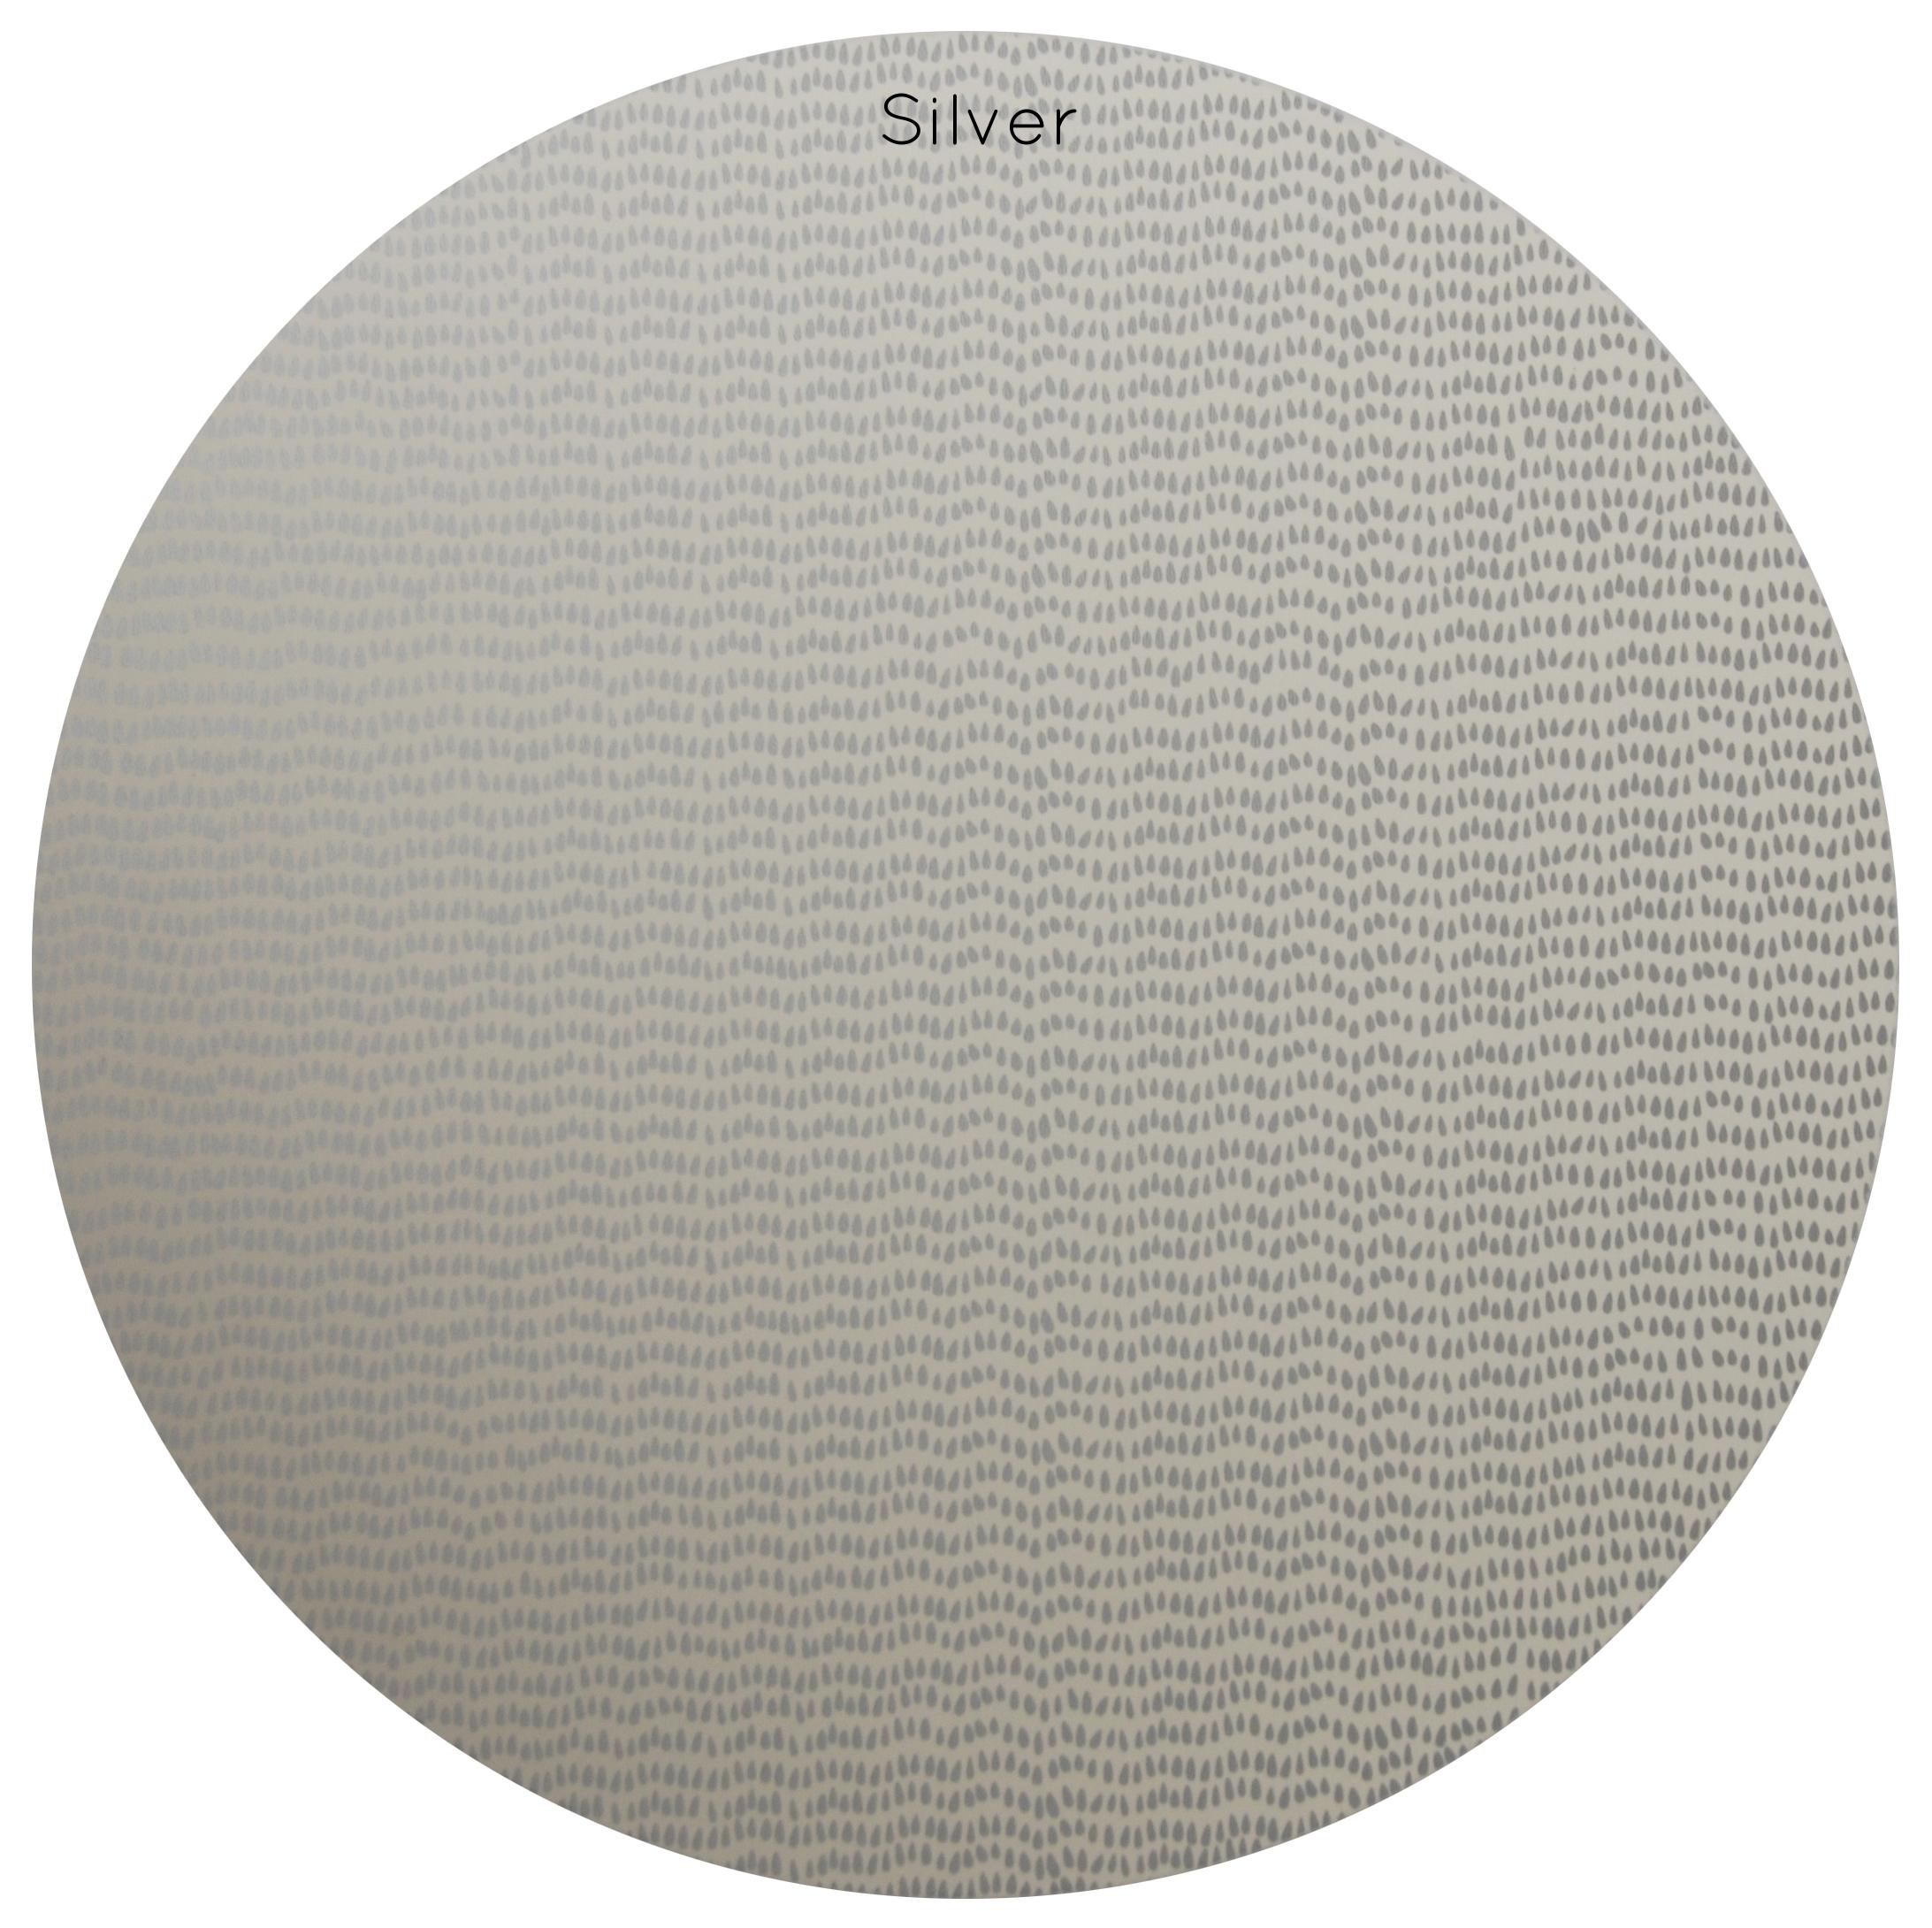 silver teardrop.jpg